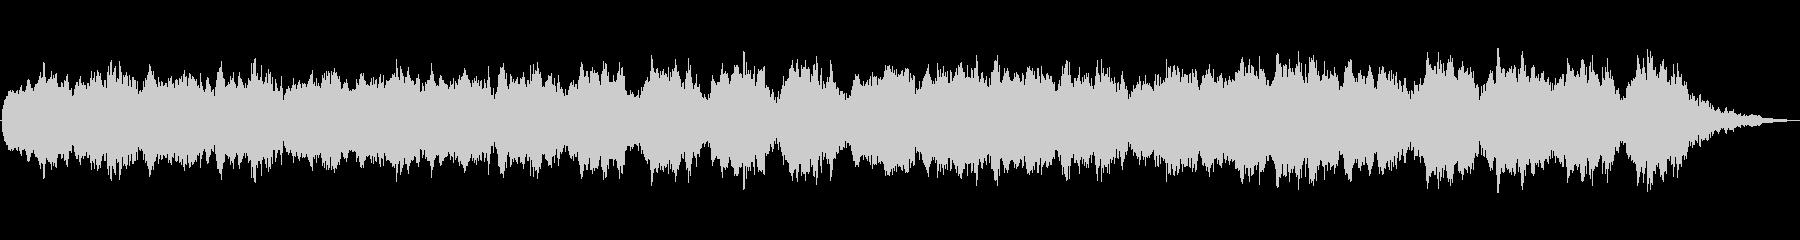 サスペンス映画のオープニング風の未再生の波形